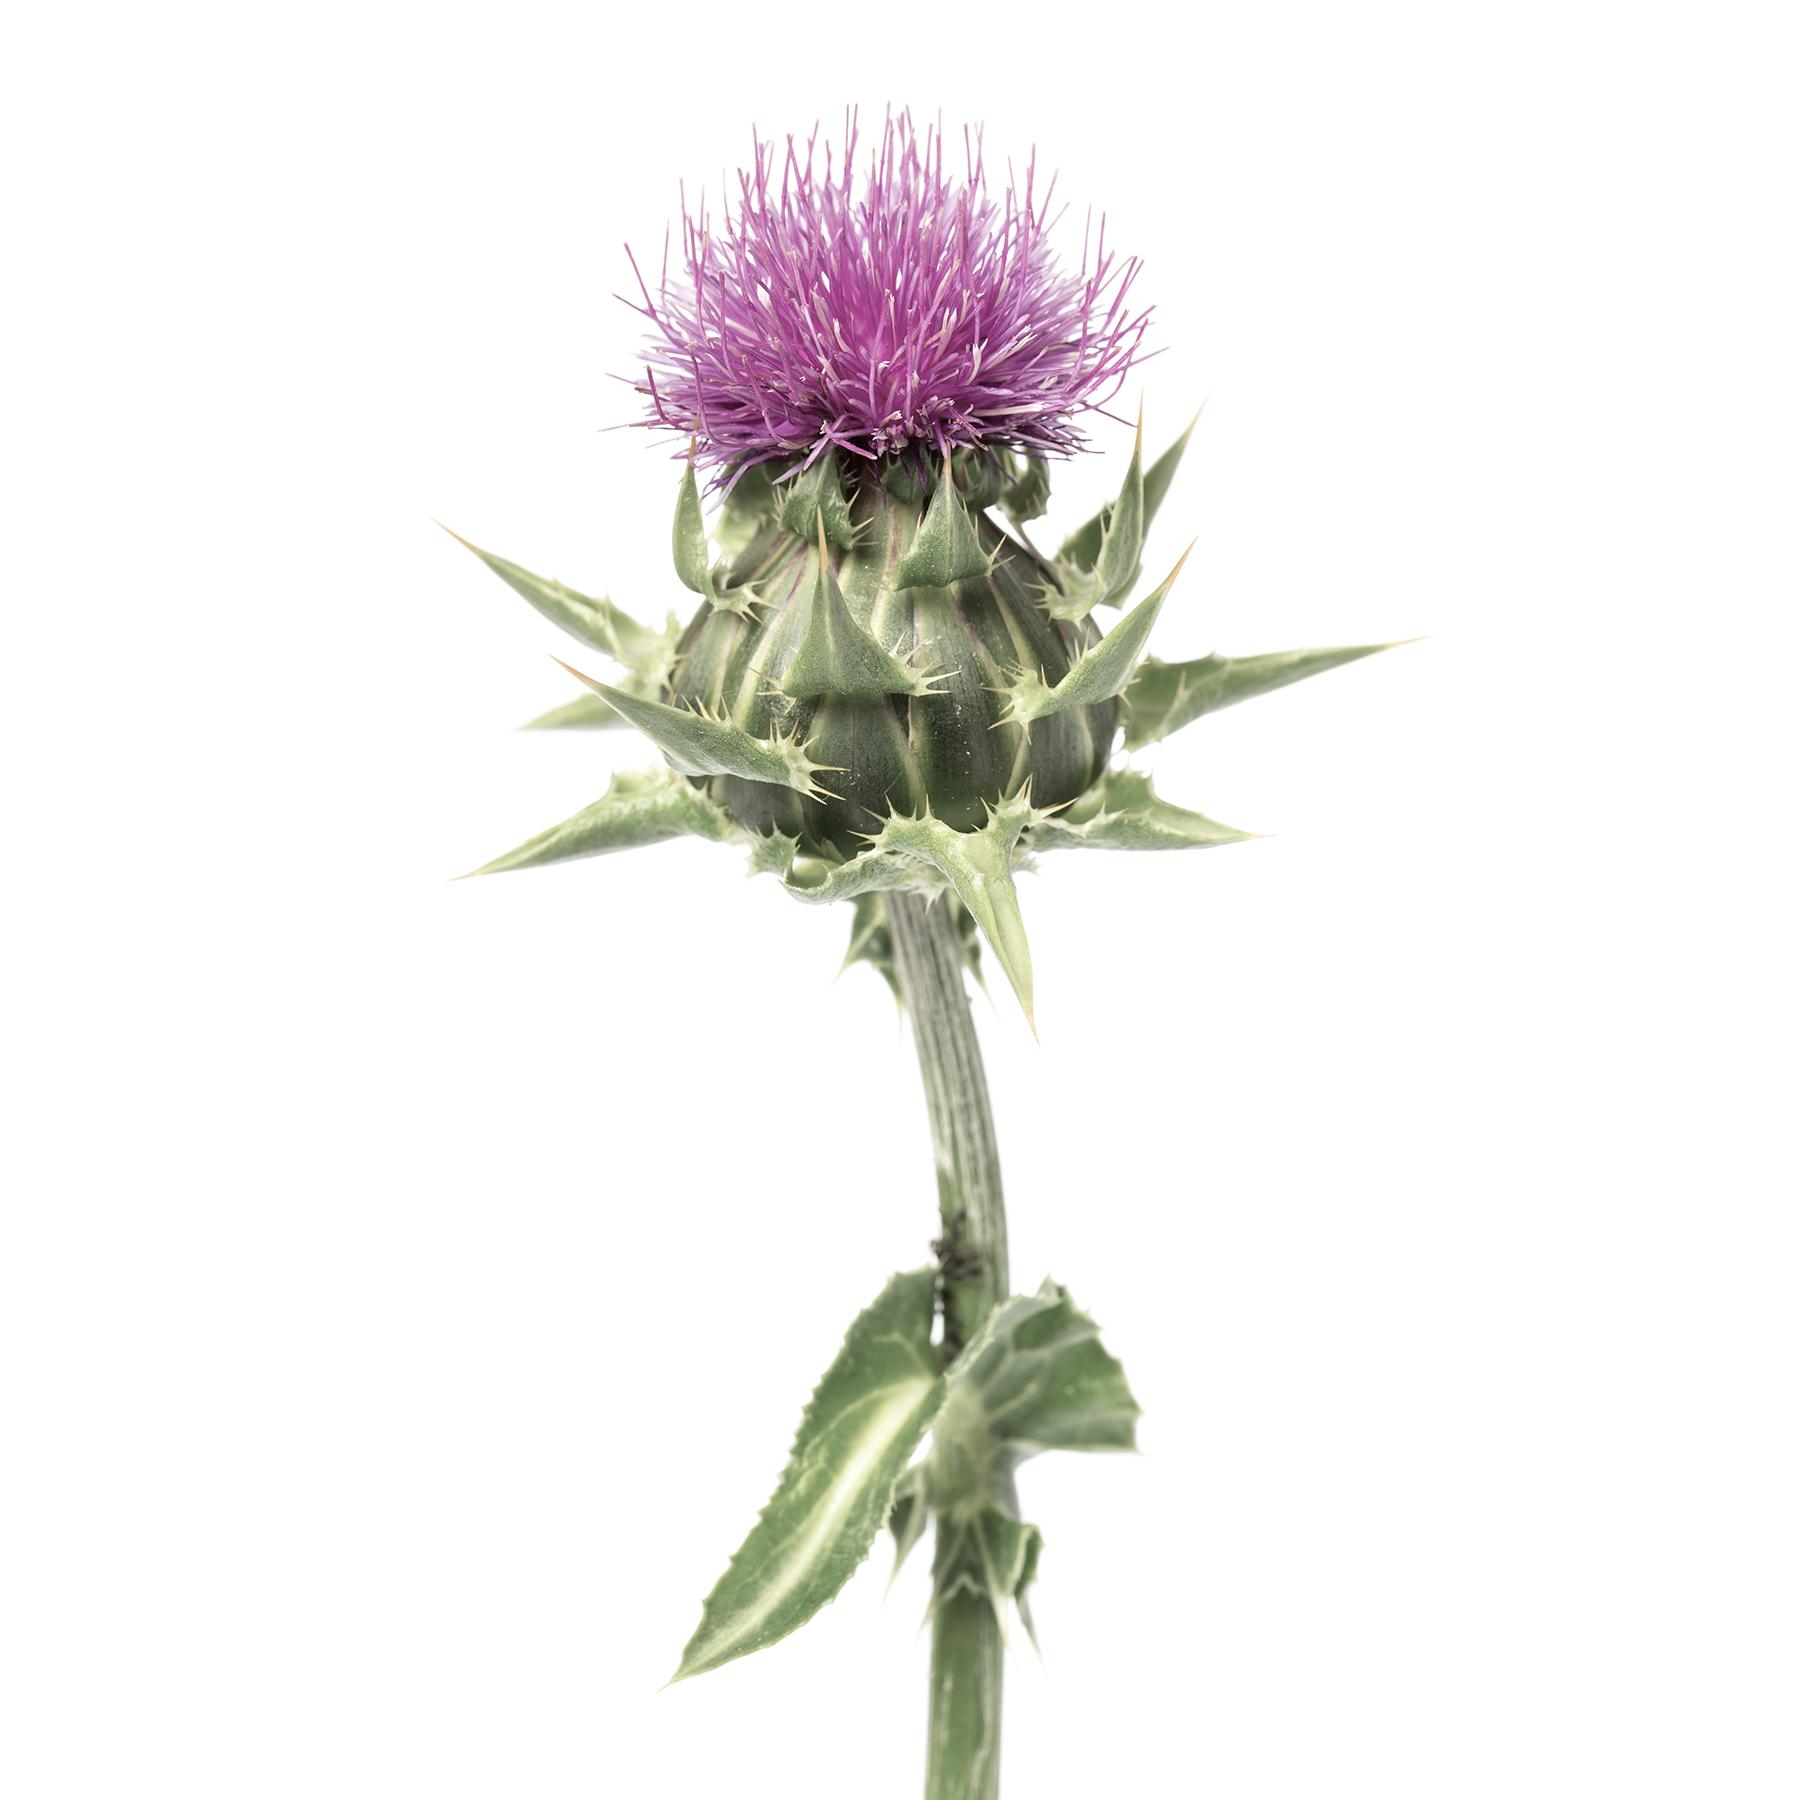 Photo einer blühenden Mariendistel